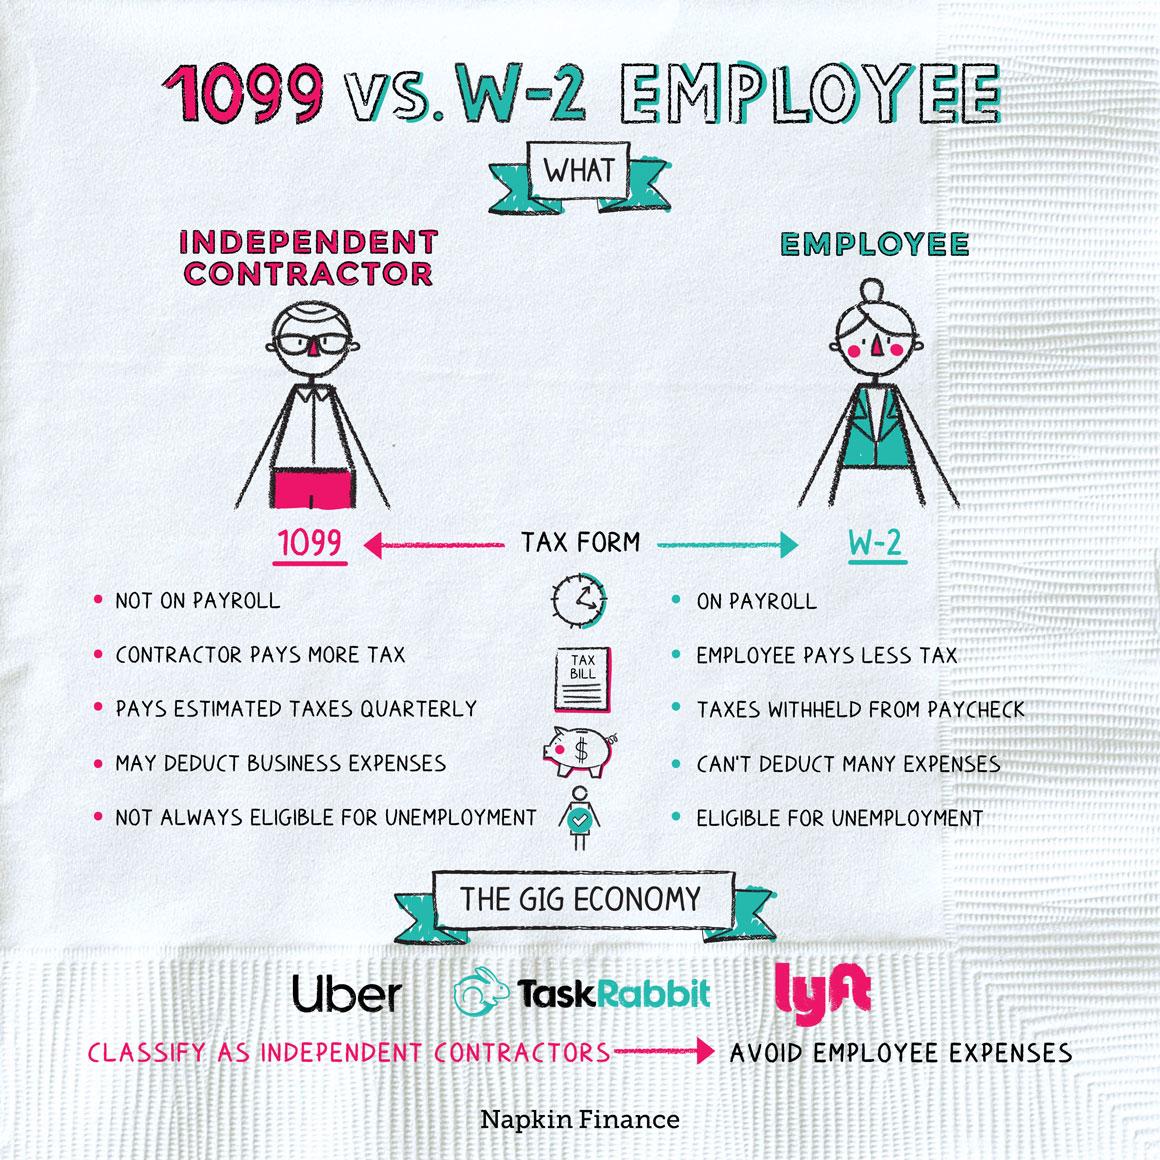 1099 vs W-2 Employee